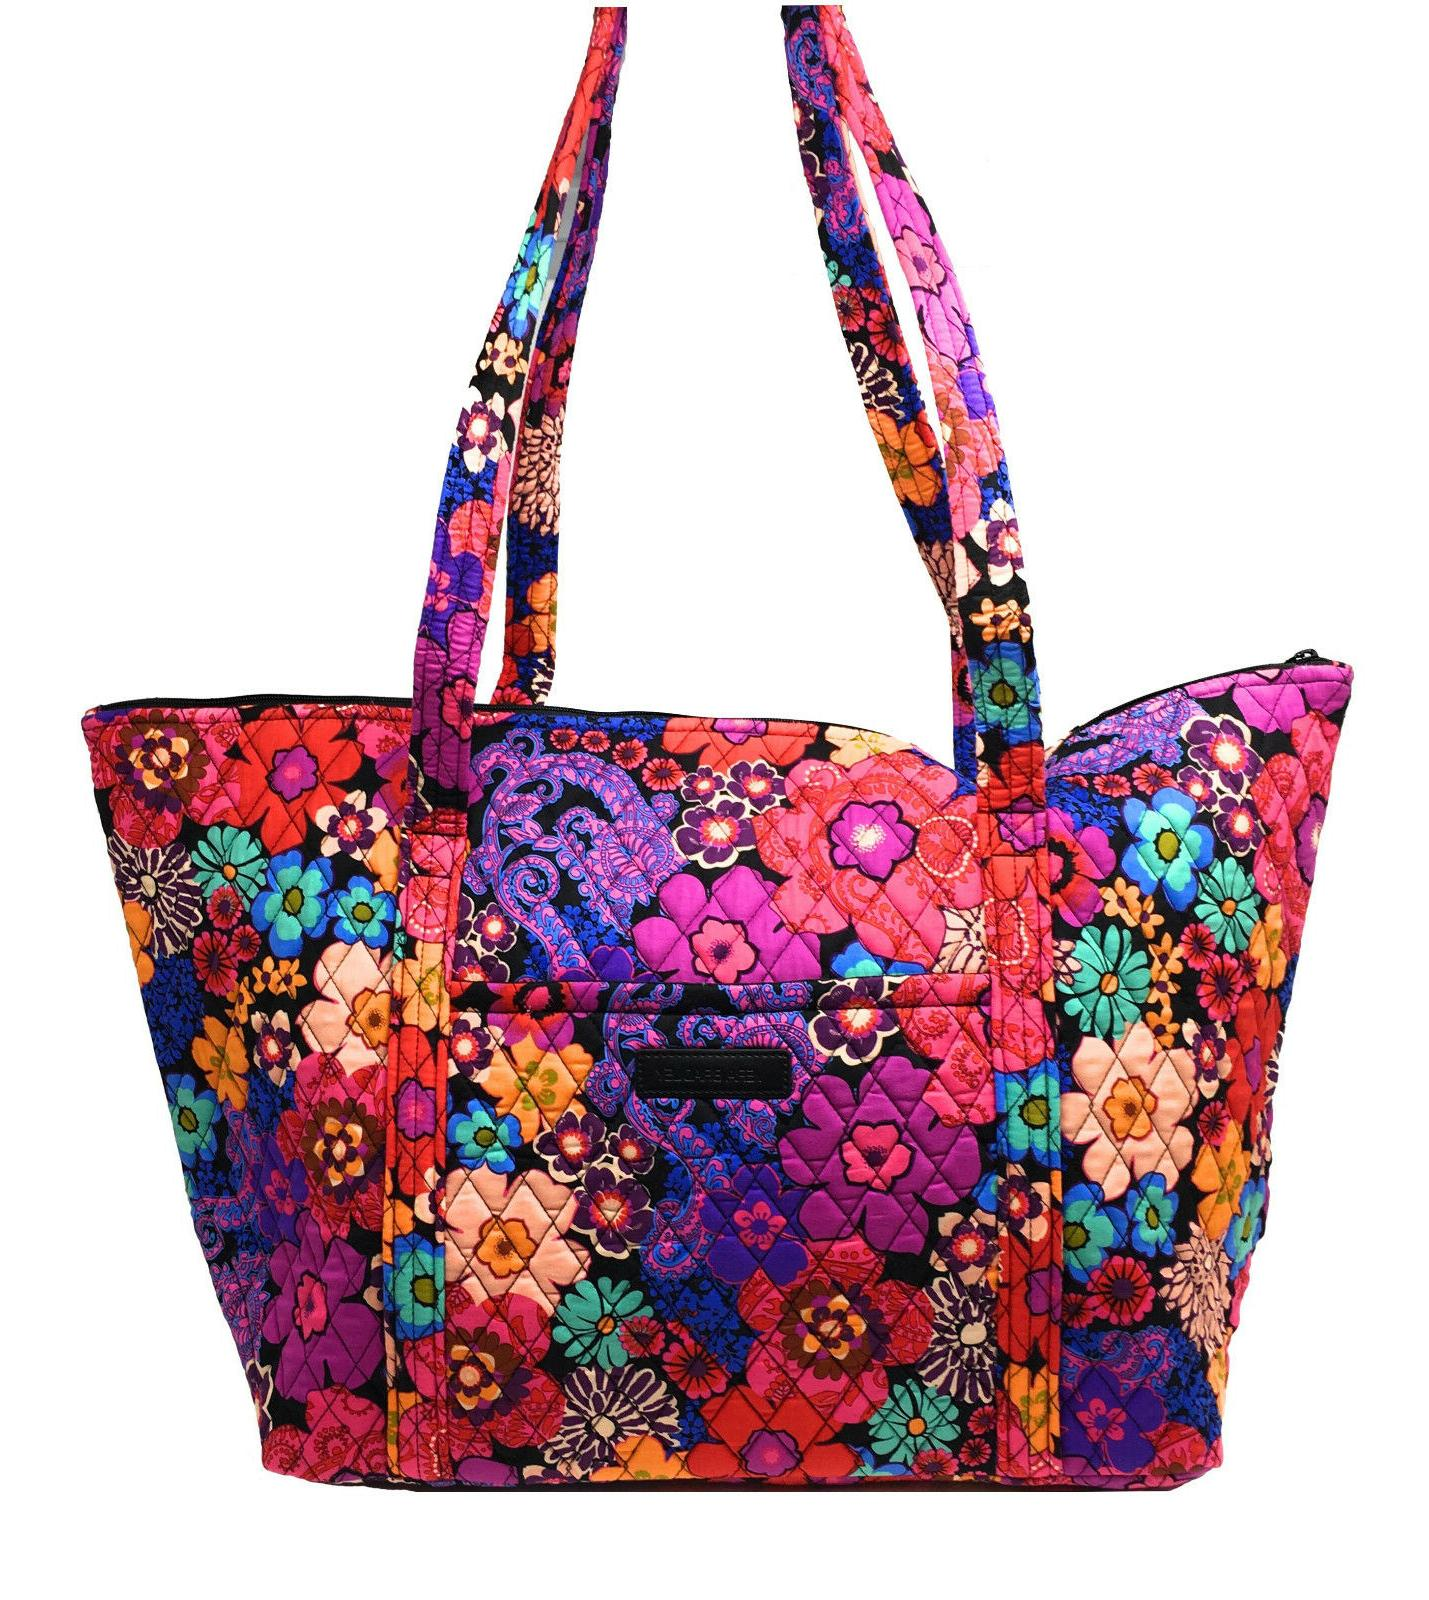 miller bag carryon luggage shoulder in floral